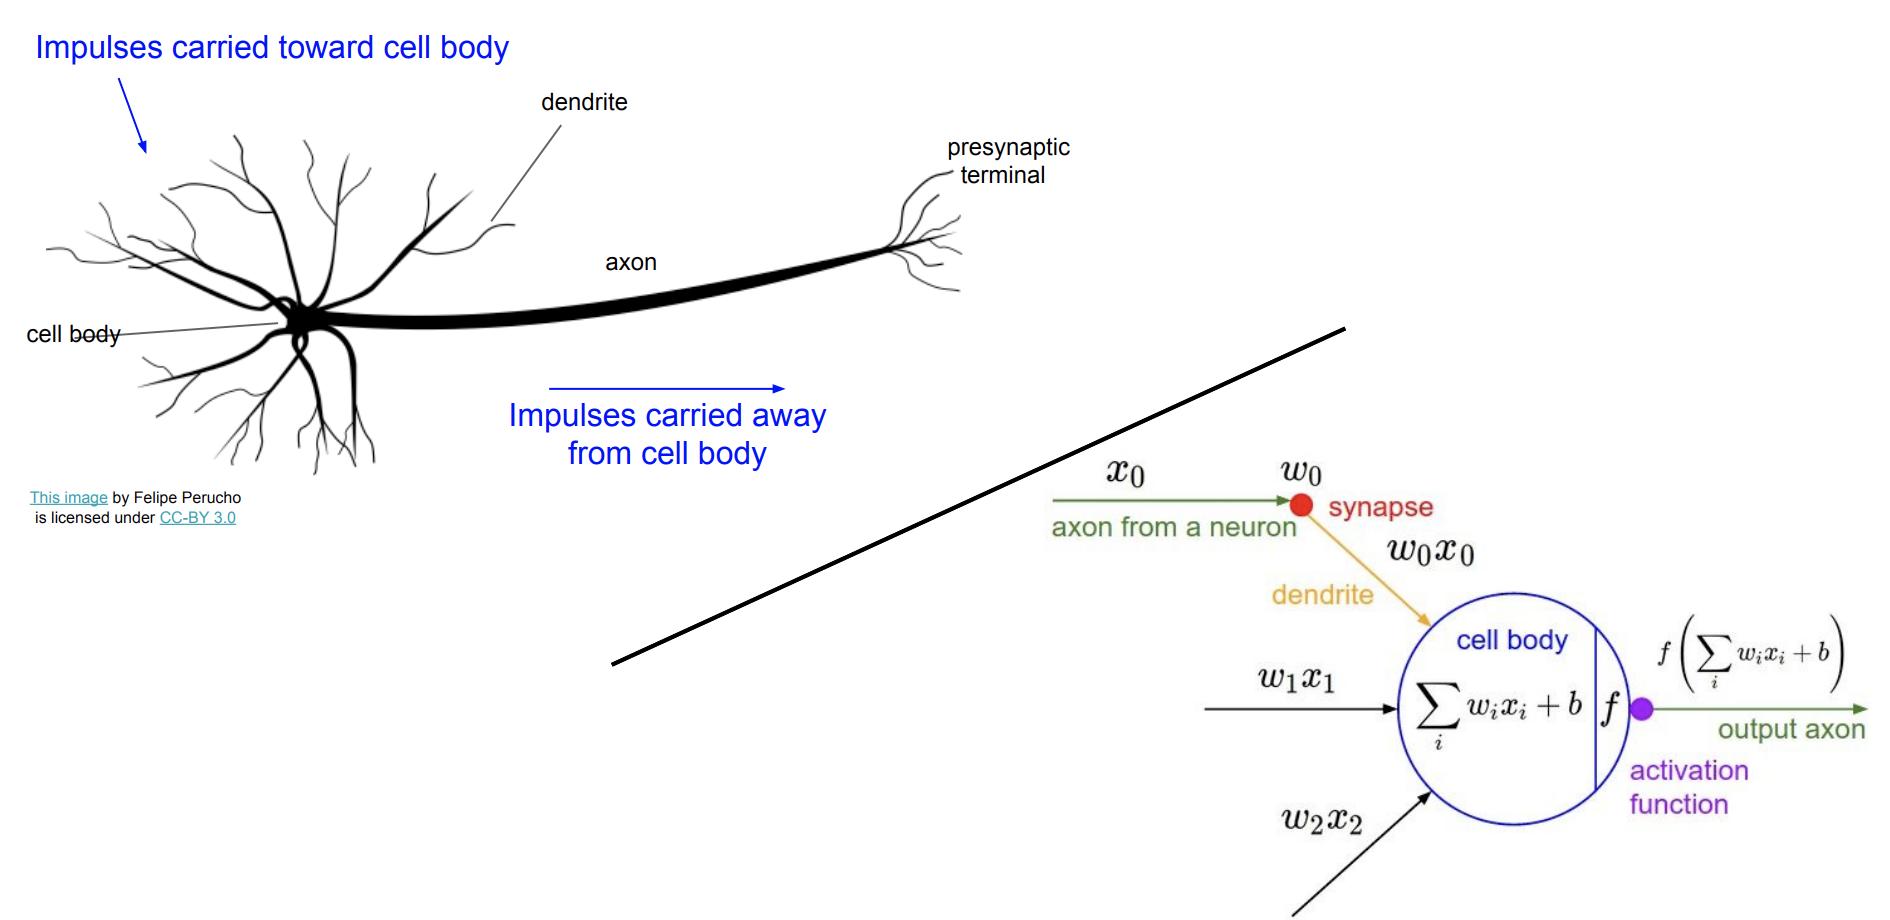 سلول عصبی (Neuron) و مدل مصنوعی آن (Artificial Neuron)